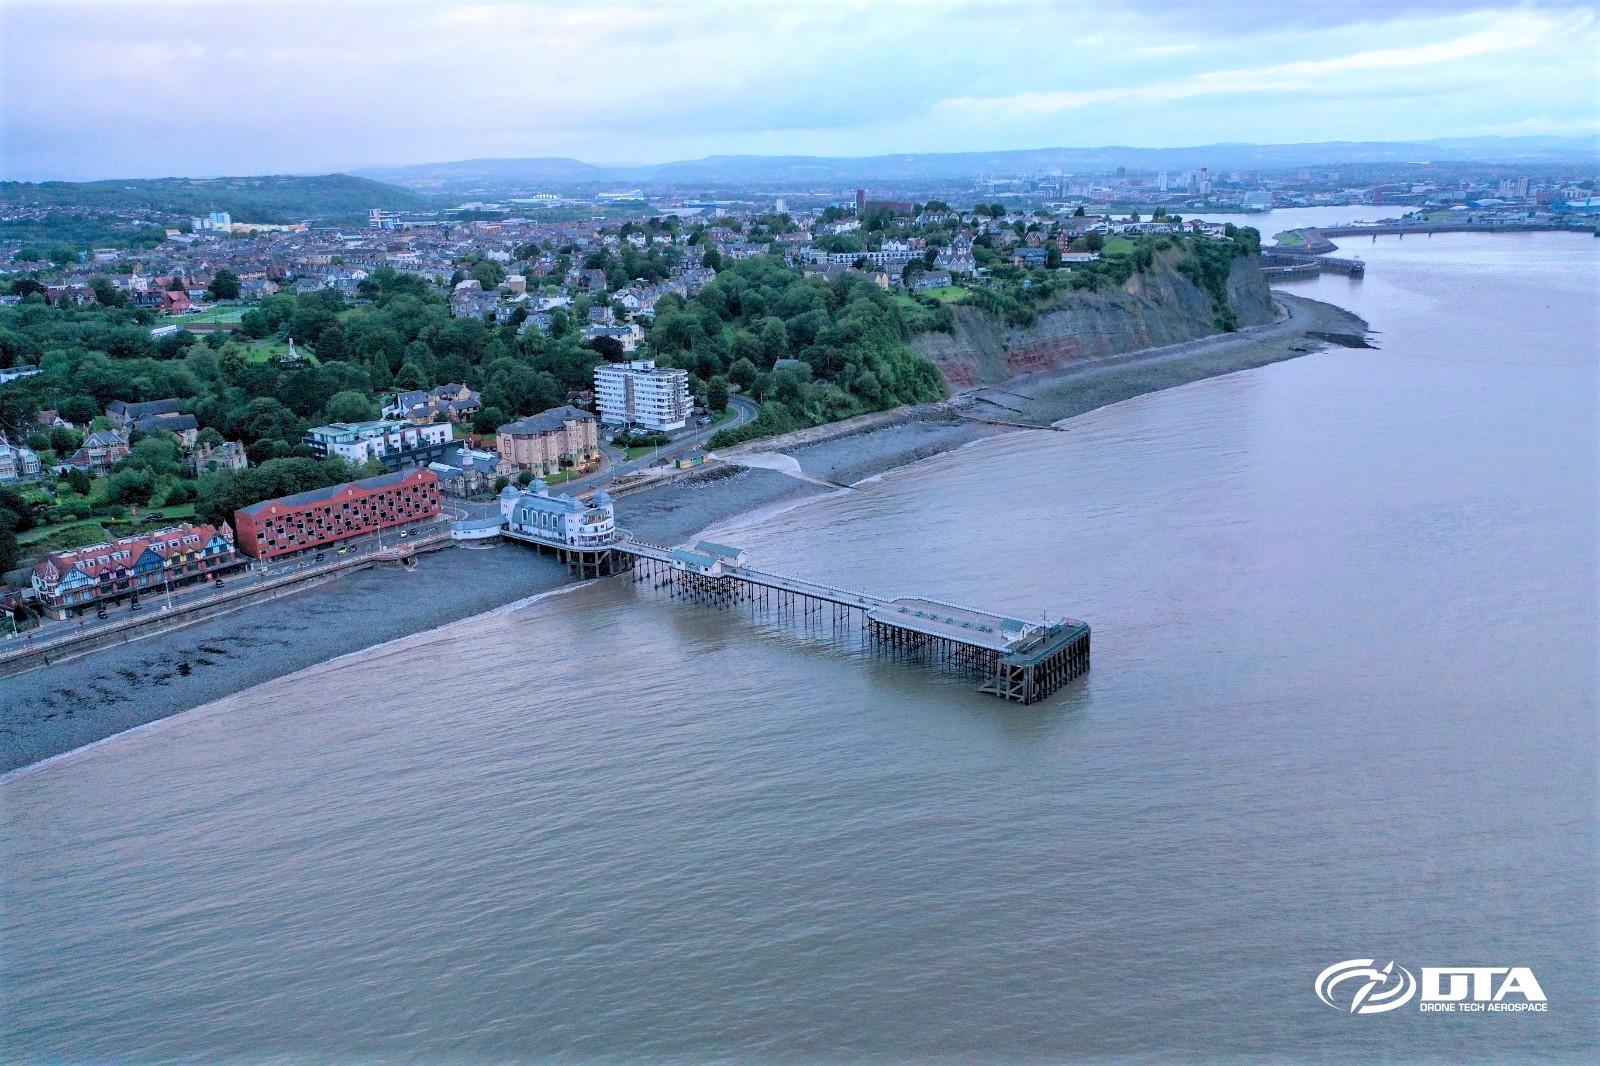 Penarth Pier #1 - Aug19